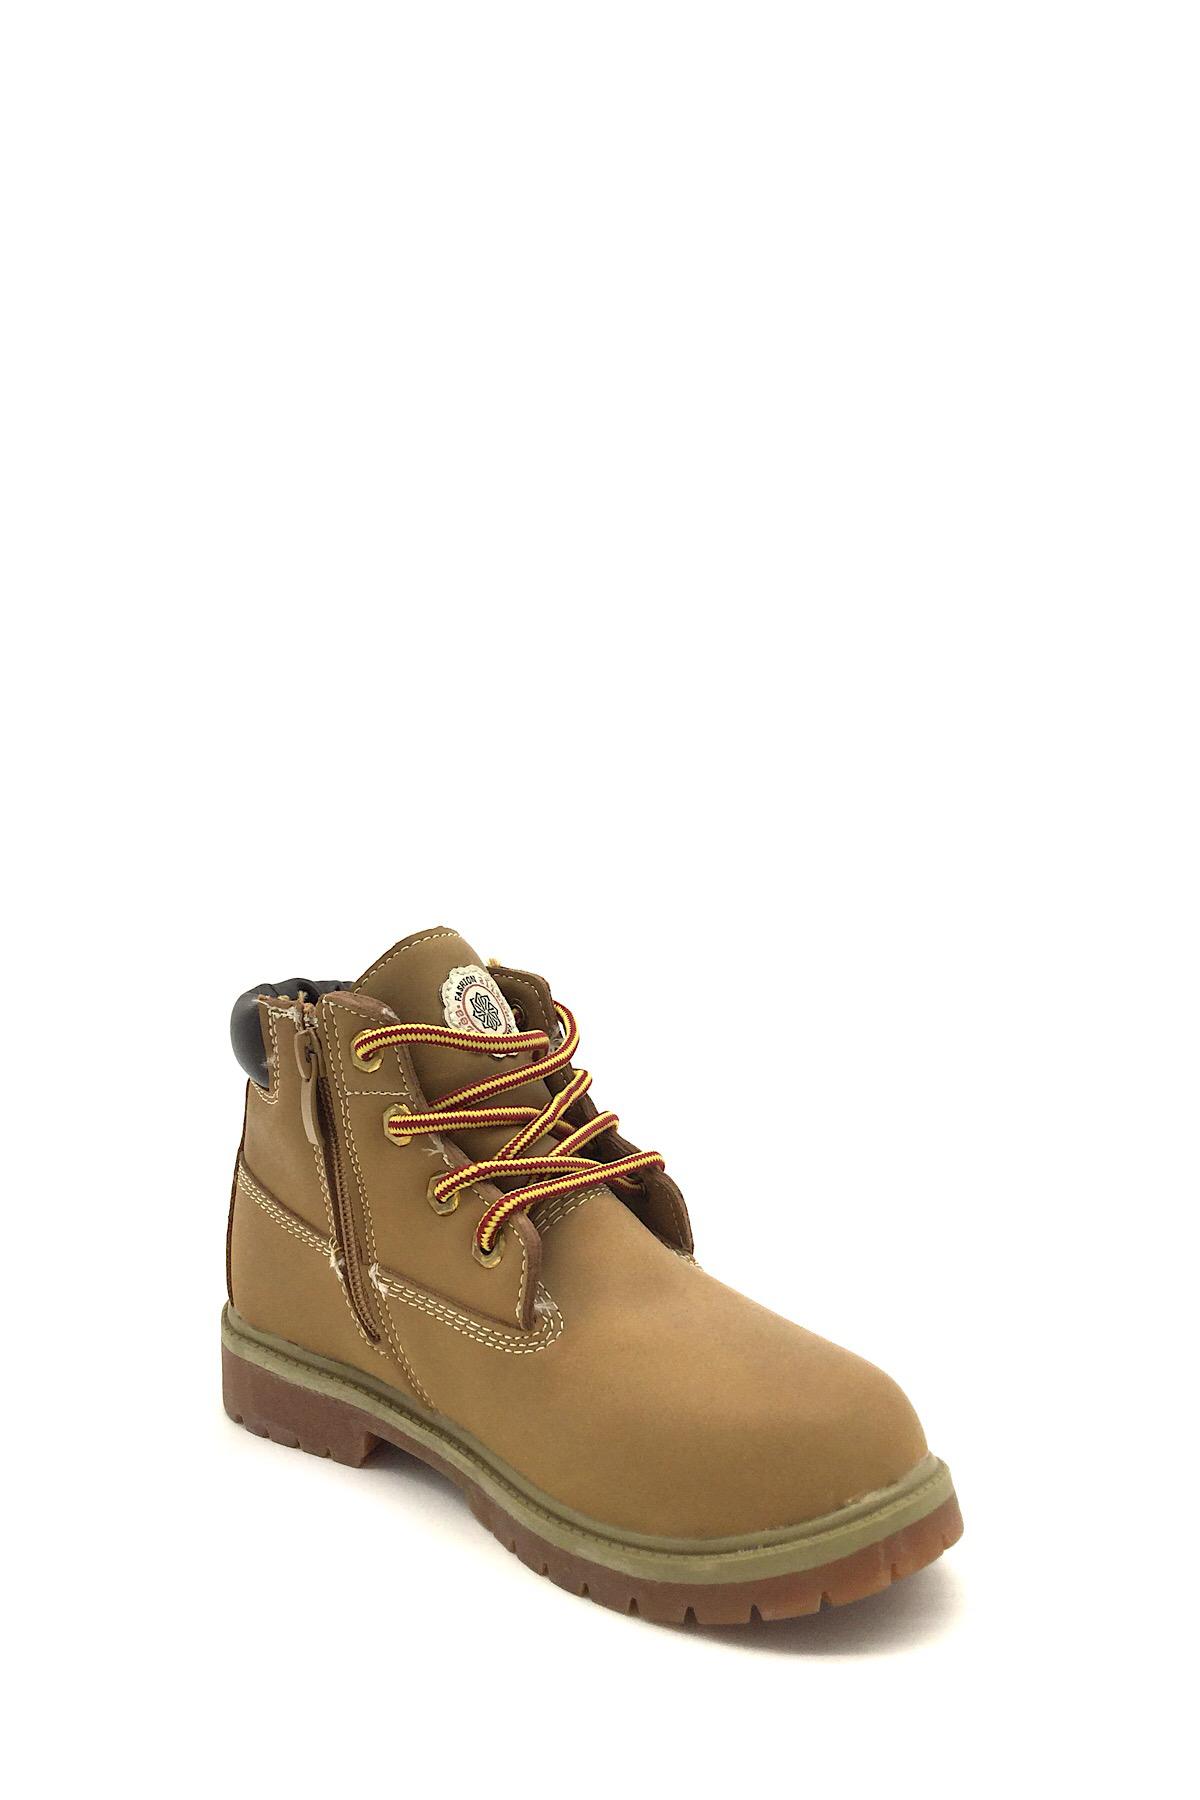 Chaussures filles Chaussures Camel ML SHOES C503 #c eFashion Paris